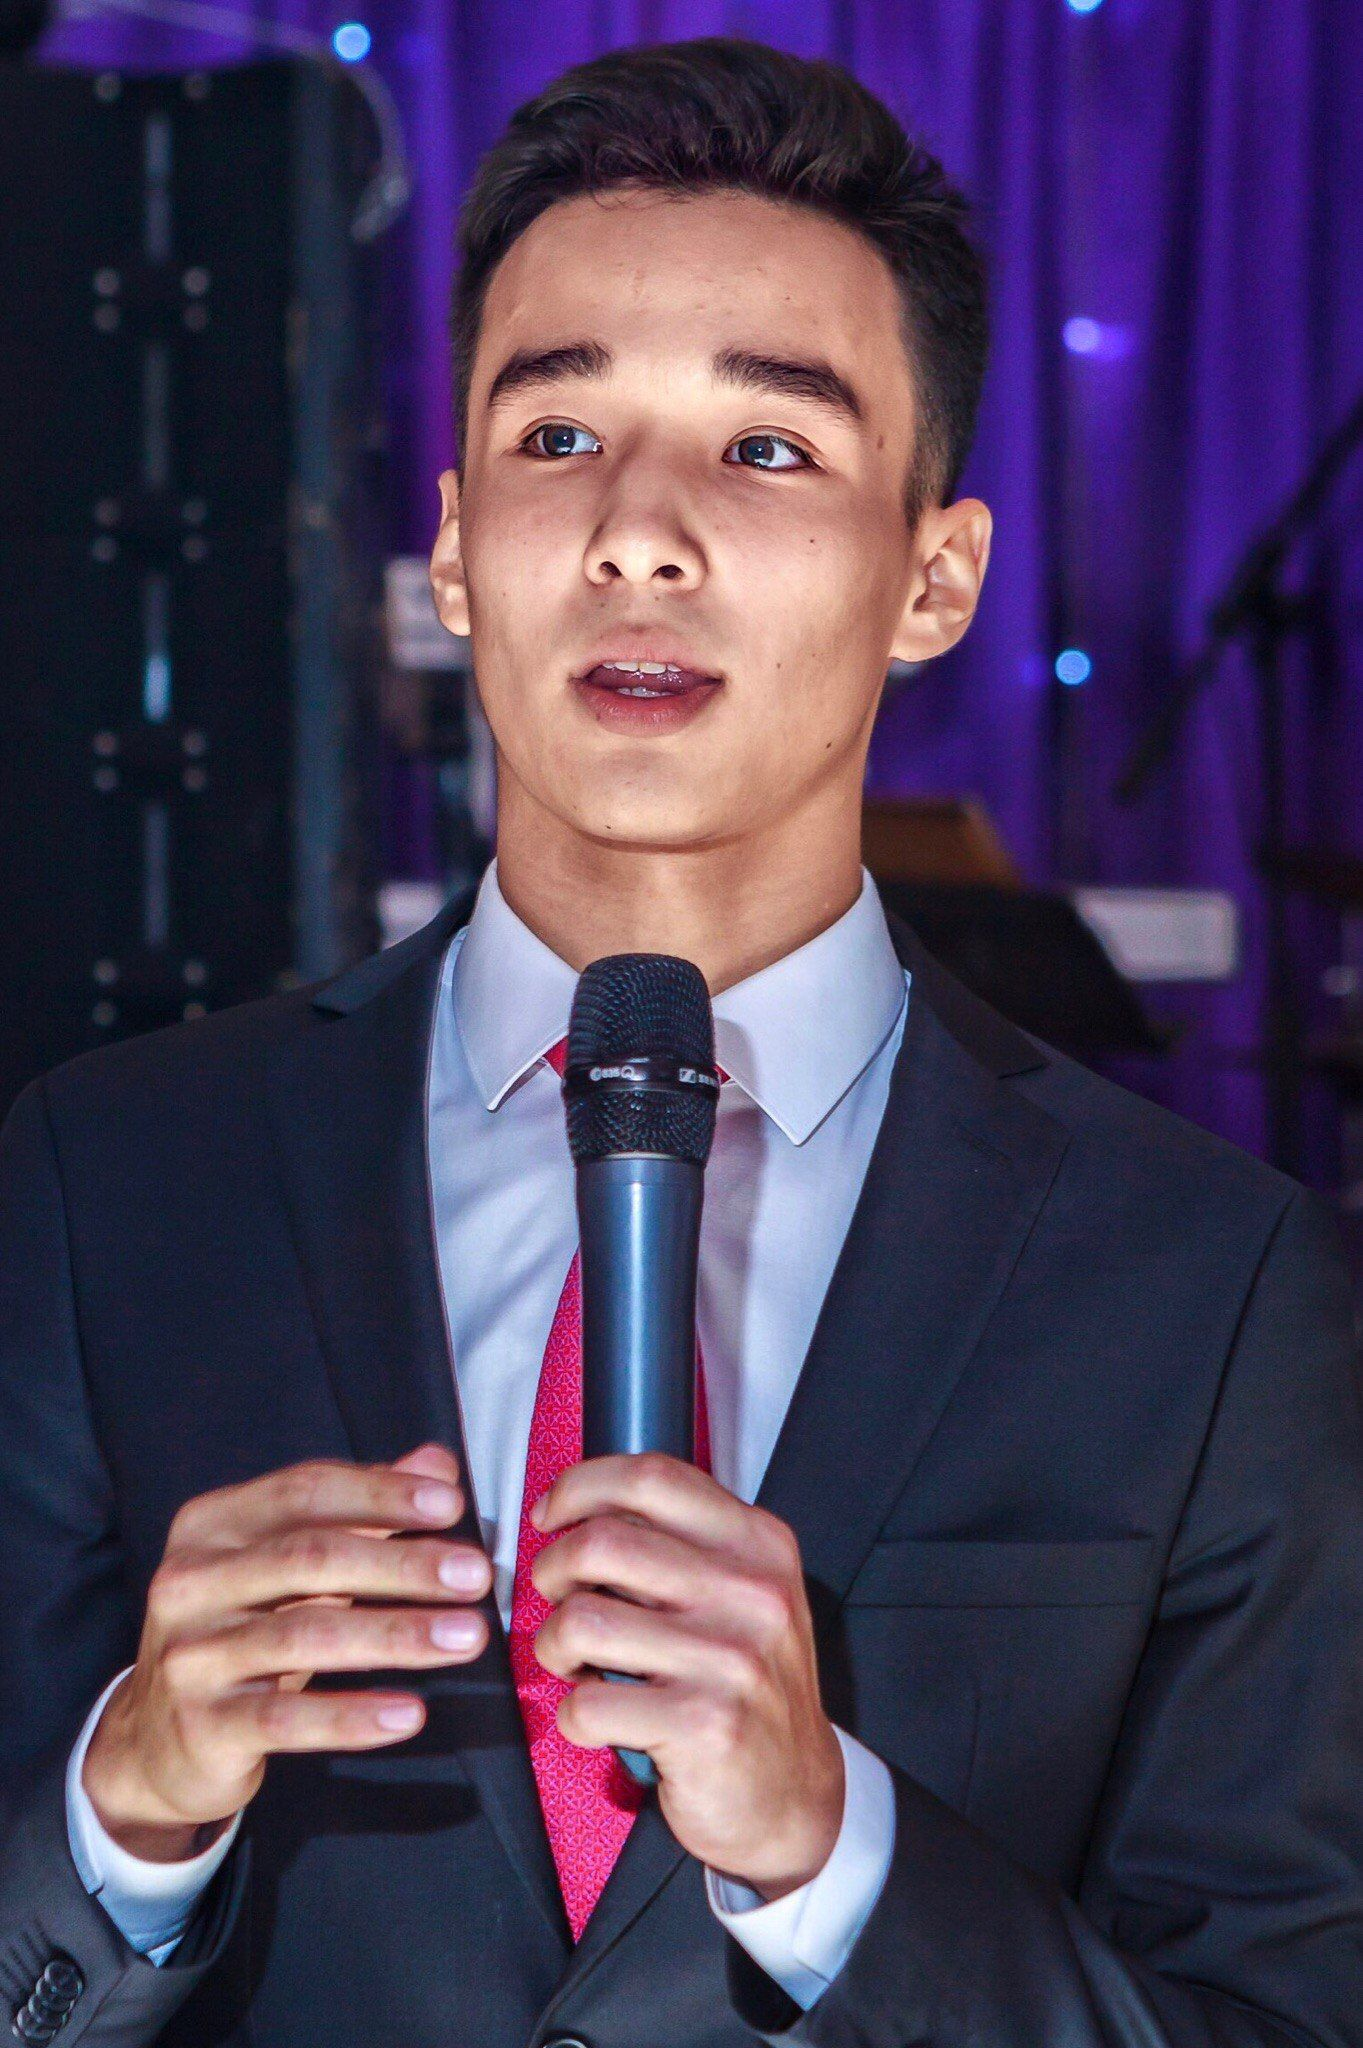 Kasakhstan dating app Leo online dating